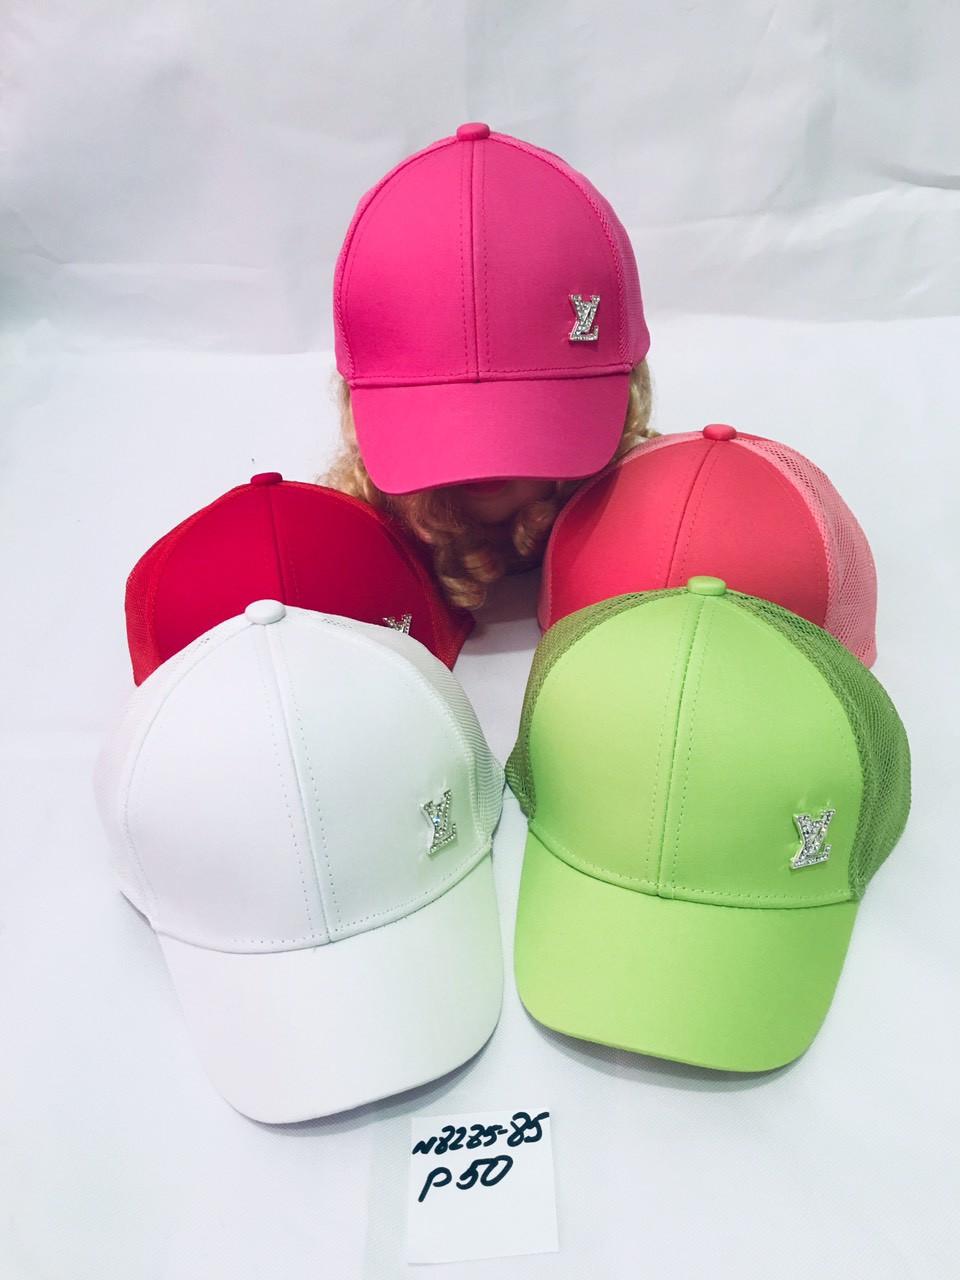 Летняя кепка для девочки с ушками LV р.50